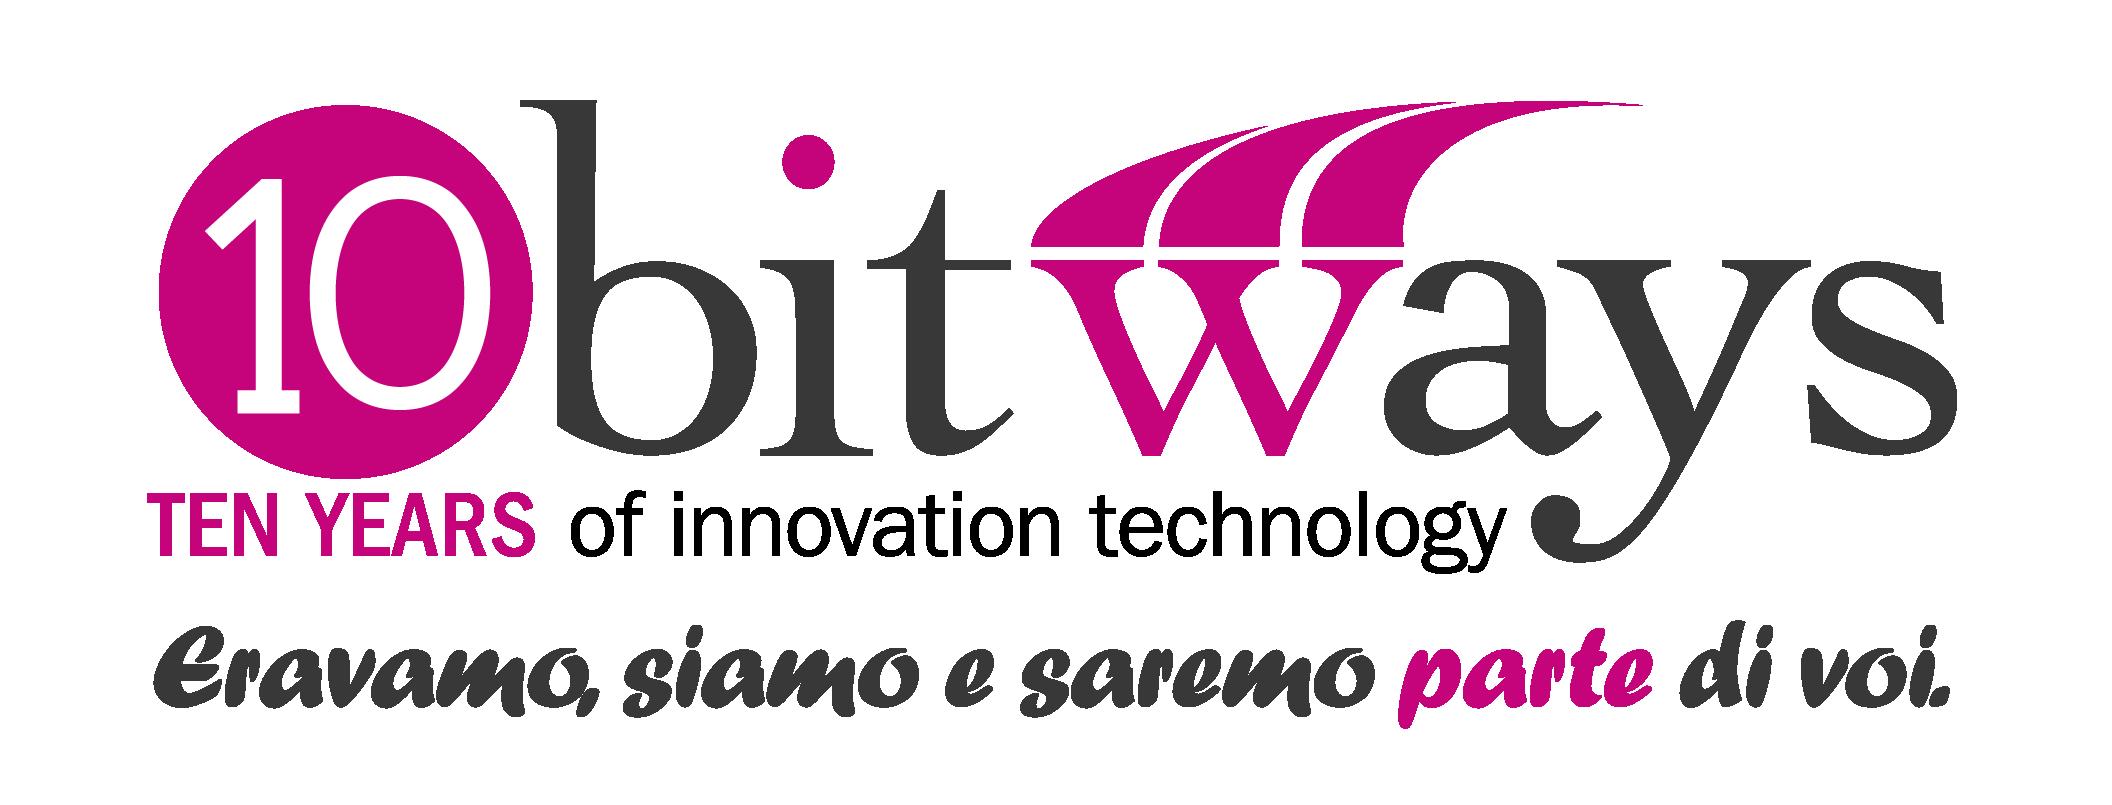 Bitways.it